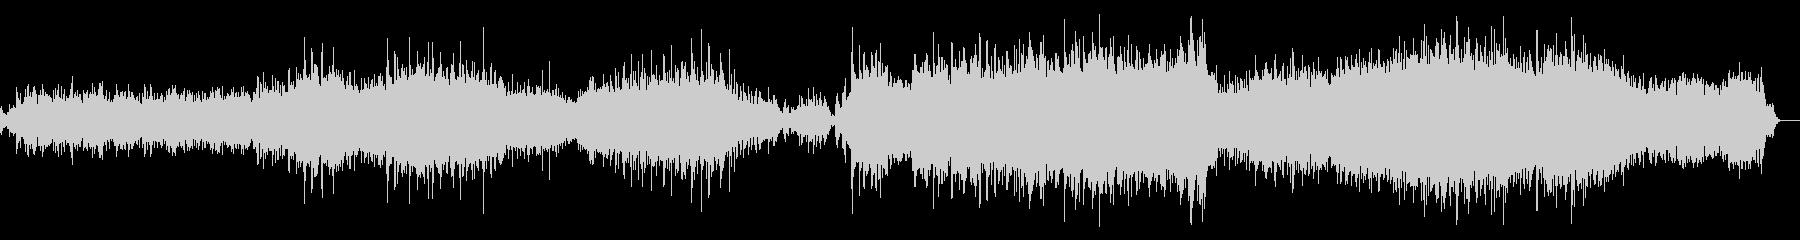 水音をコラージュしたアンビエント音楽の未再生の波形